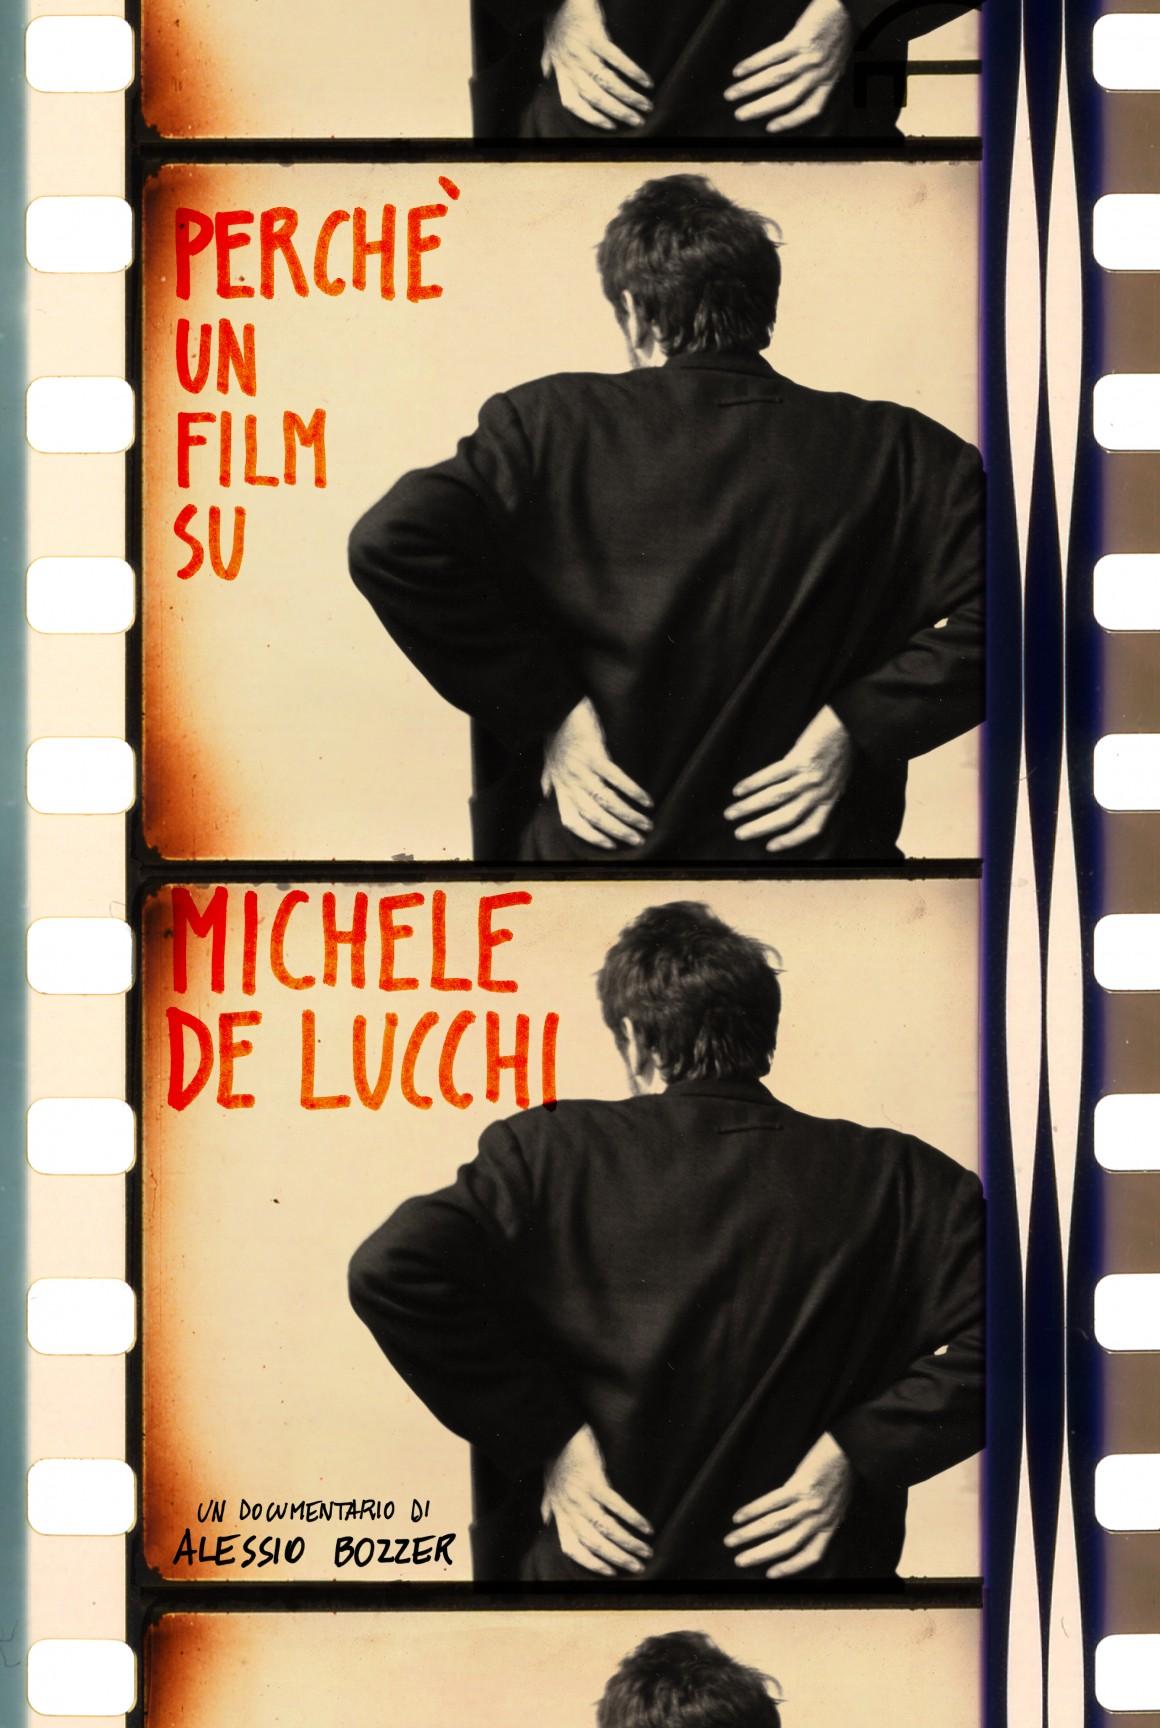 Perché un film su Michele De Lucchi - poster 01